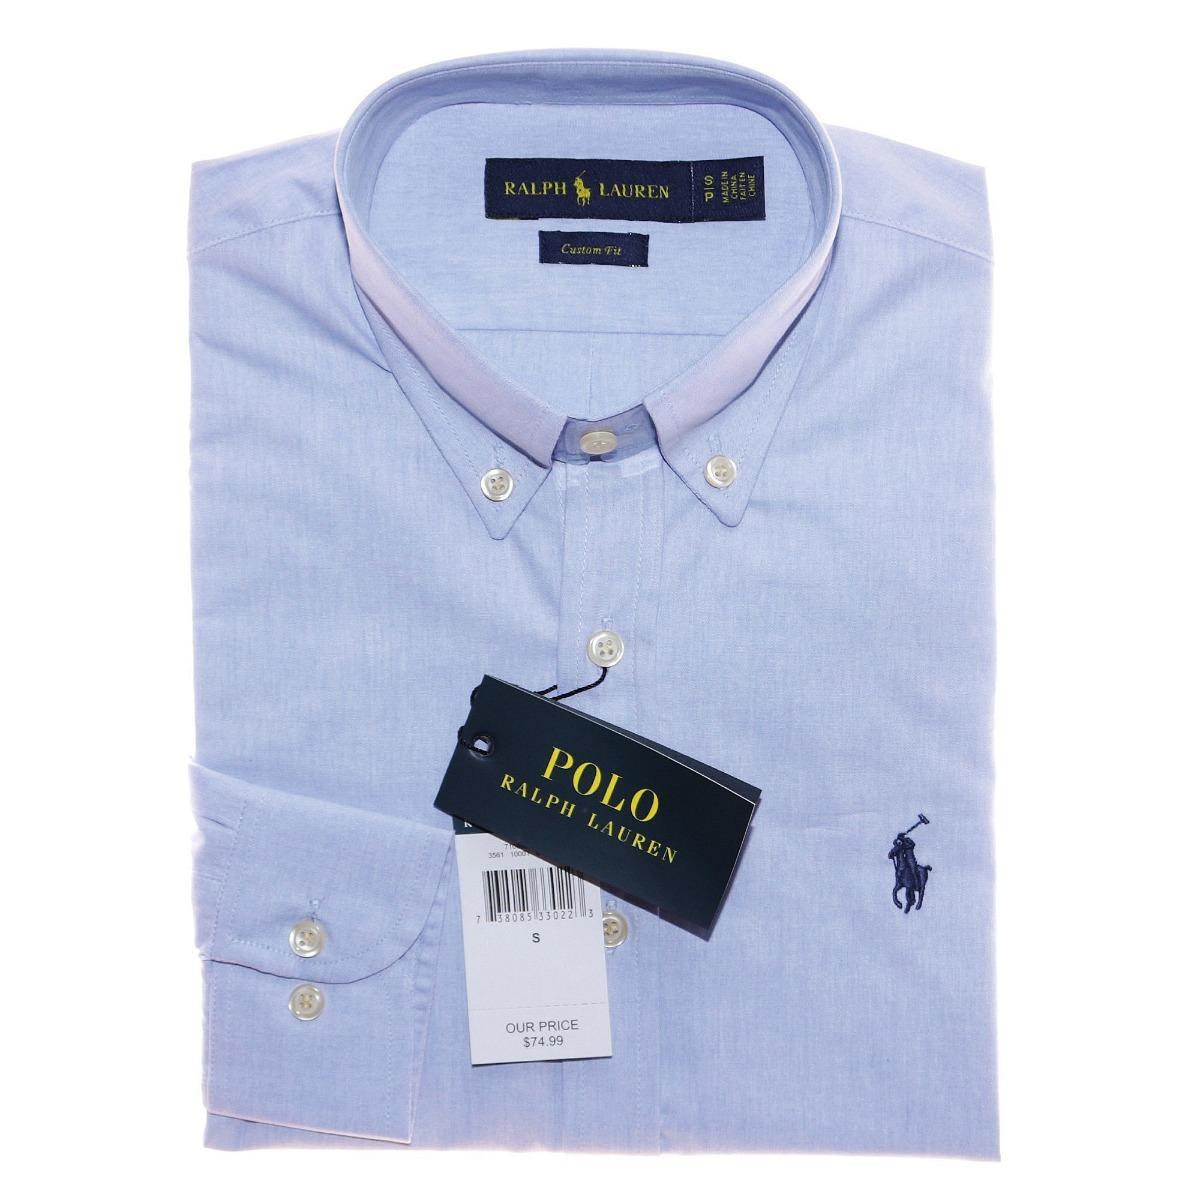 33c4164ac9f40 camisa social ralph lauren c fit azul claro masc original. Carregando zoom.